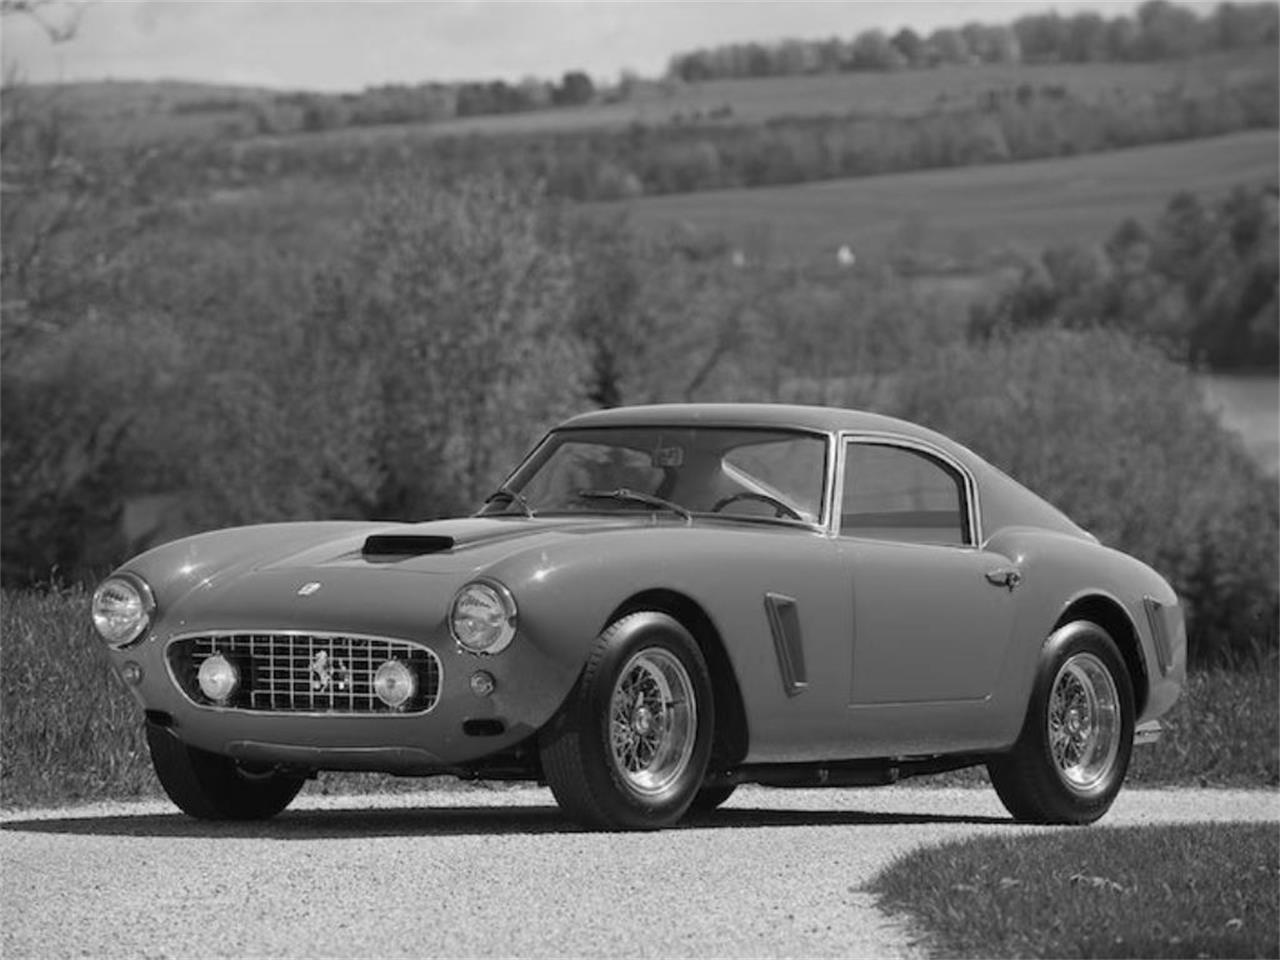 1960 Ferrari 250 Gt Berlinetta Swb Alloy Competizione For